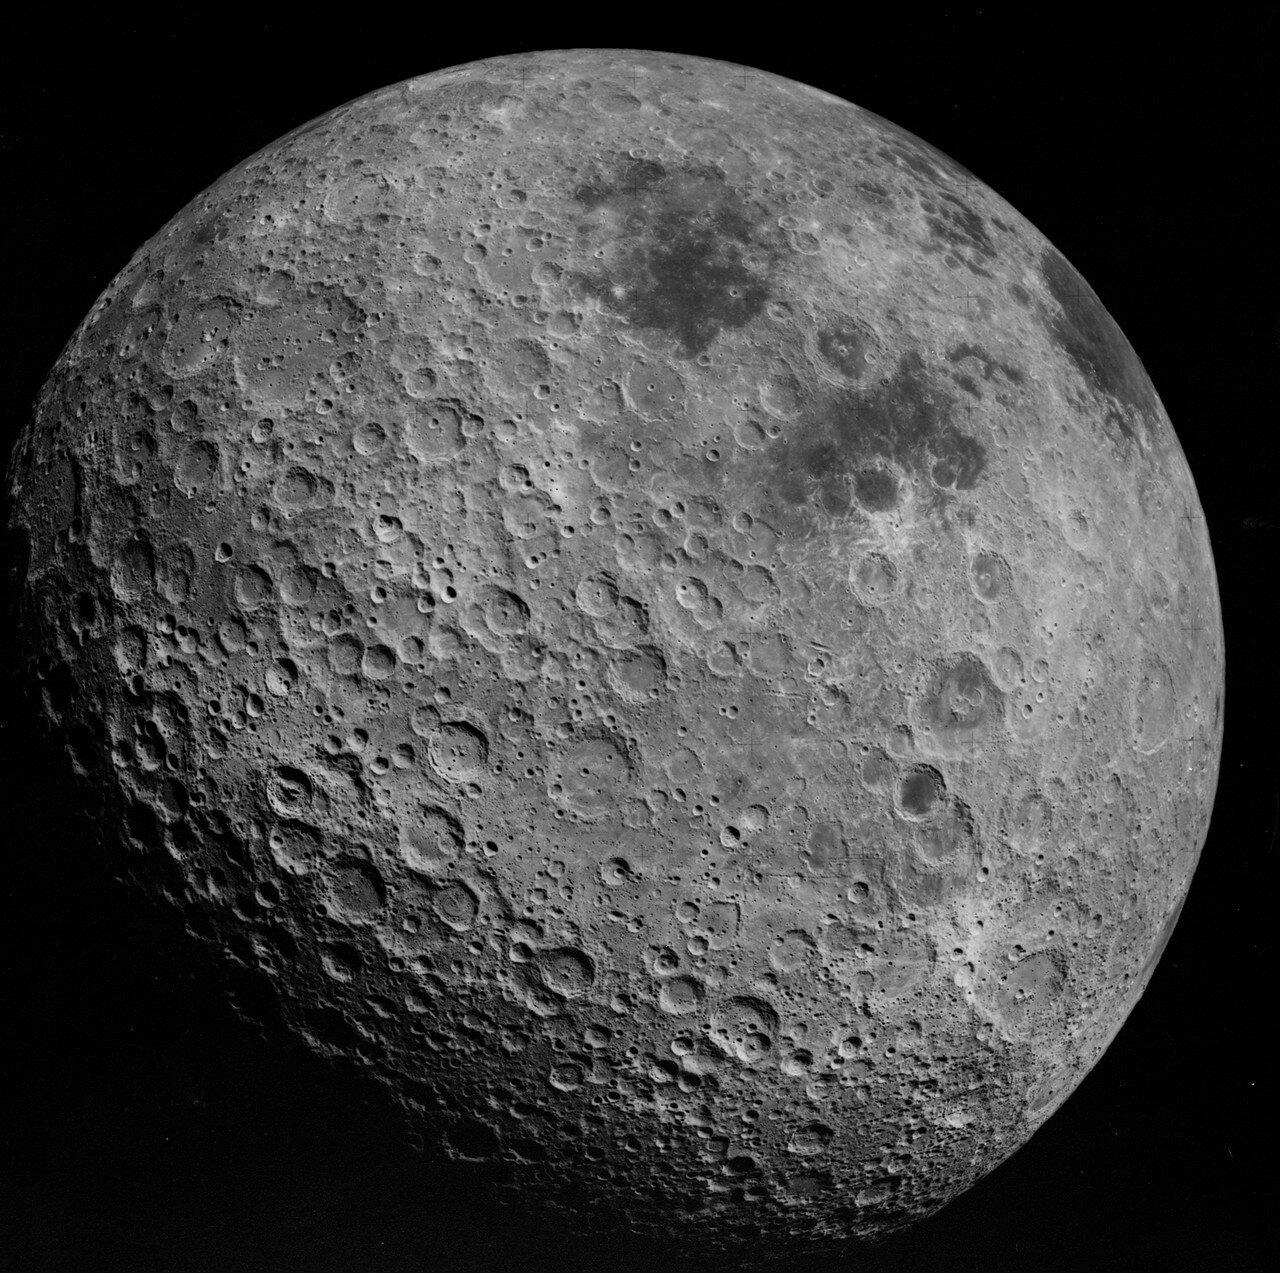 В конце второго витка, также над обратной стороной Луны, астронавты осуществили манёвр изменения параметров орбиты. На снимке: Обратная сторона Луны